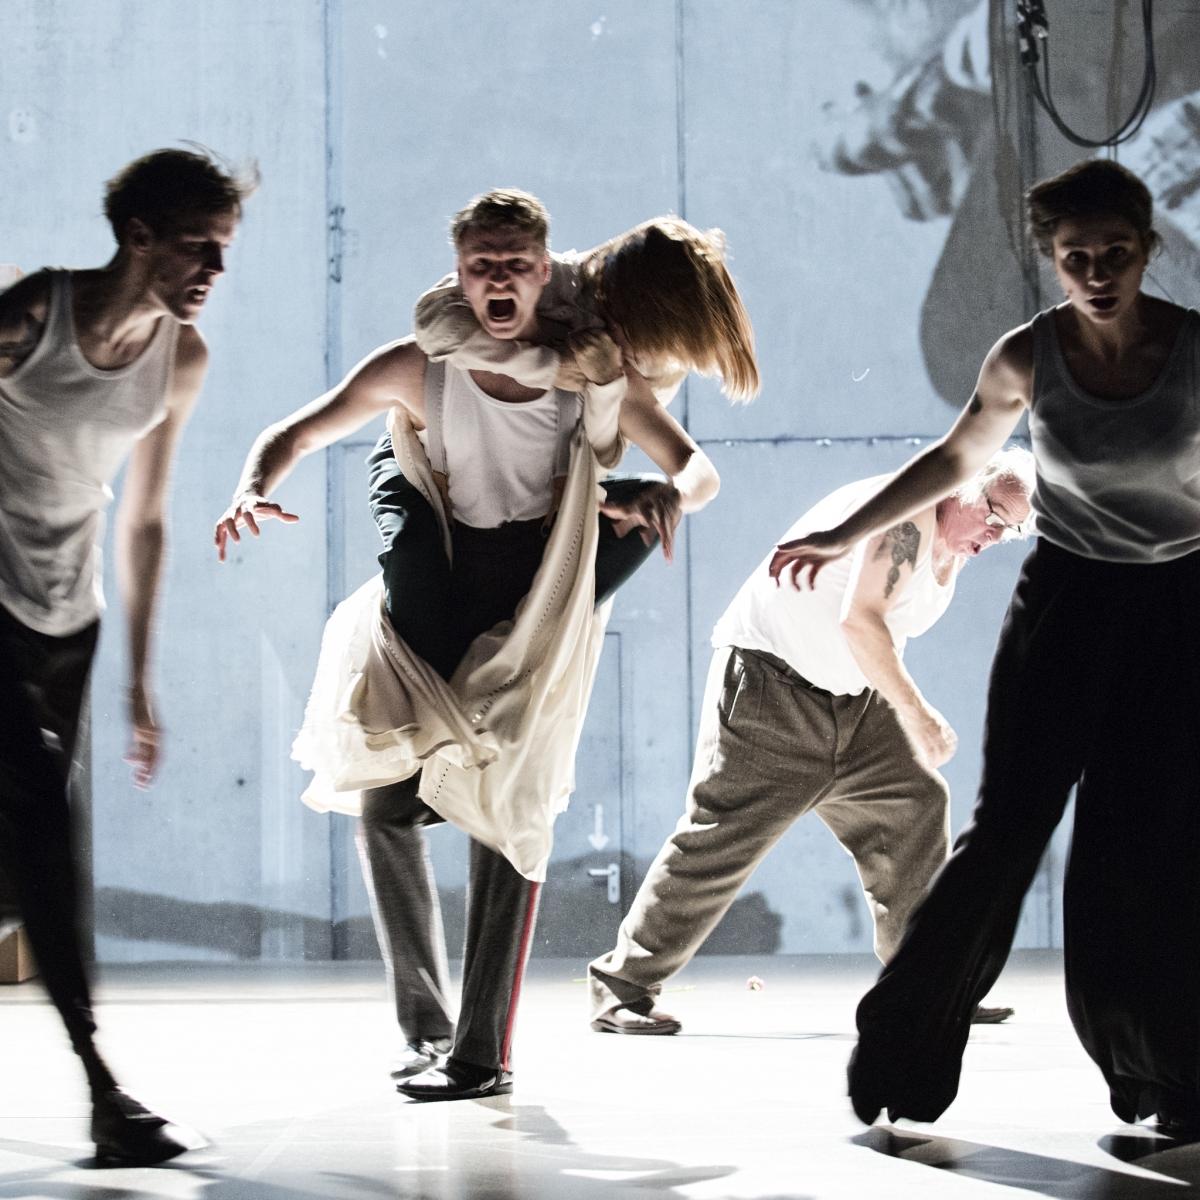 Fashion design bursaries 2017 - Theatre And Dance